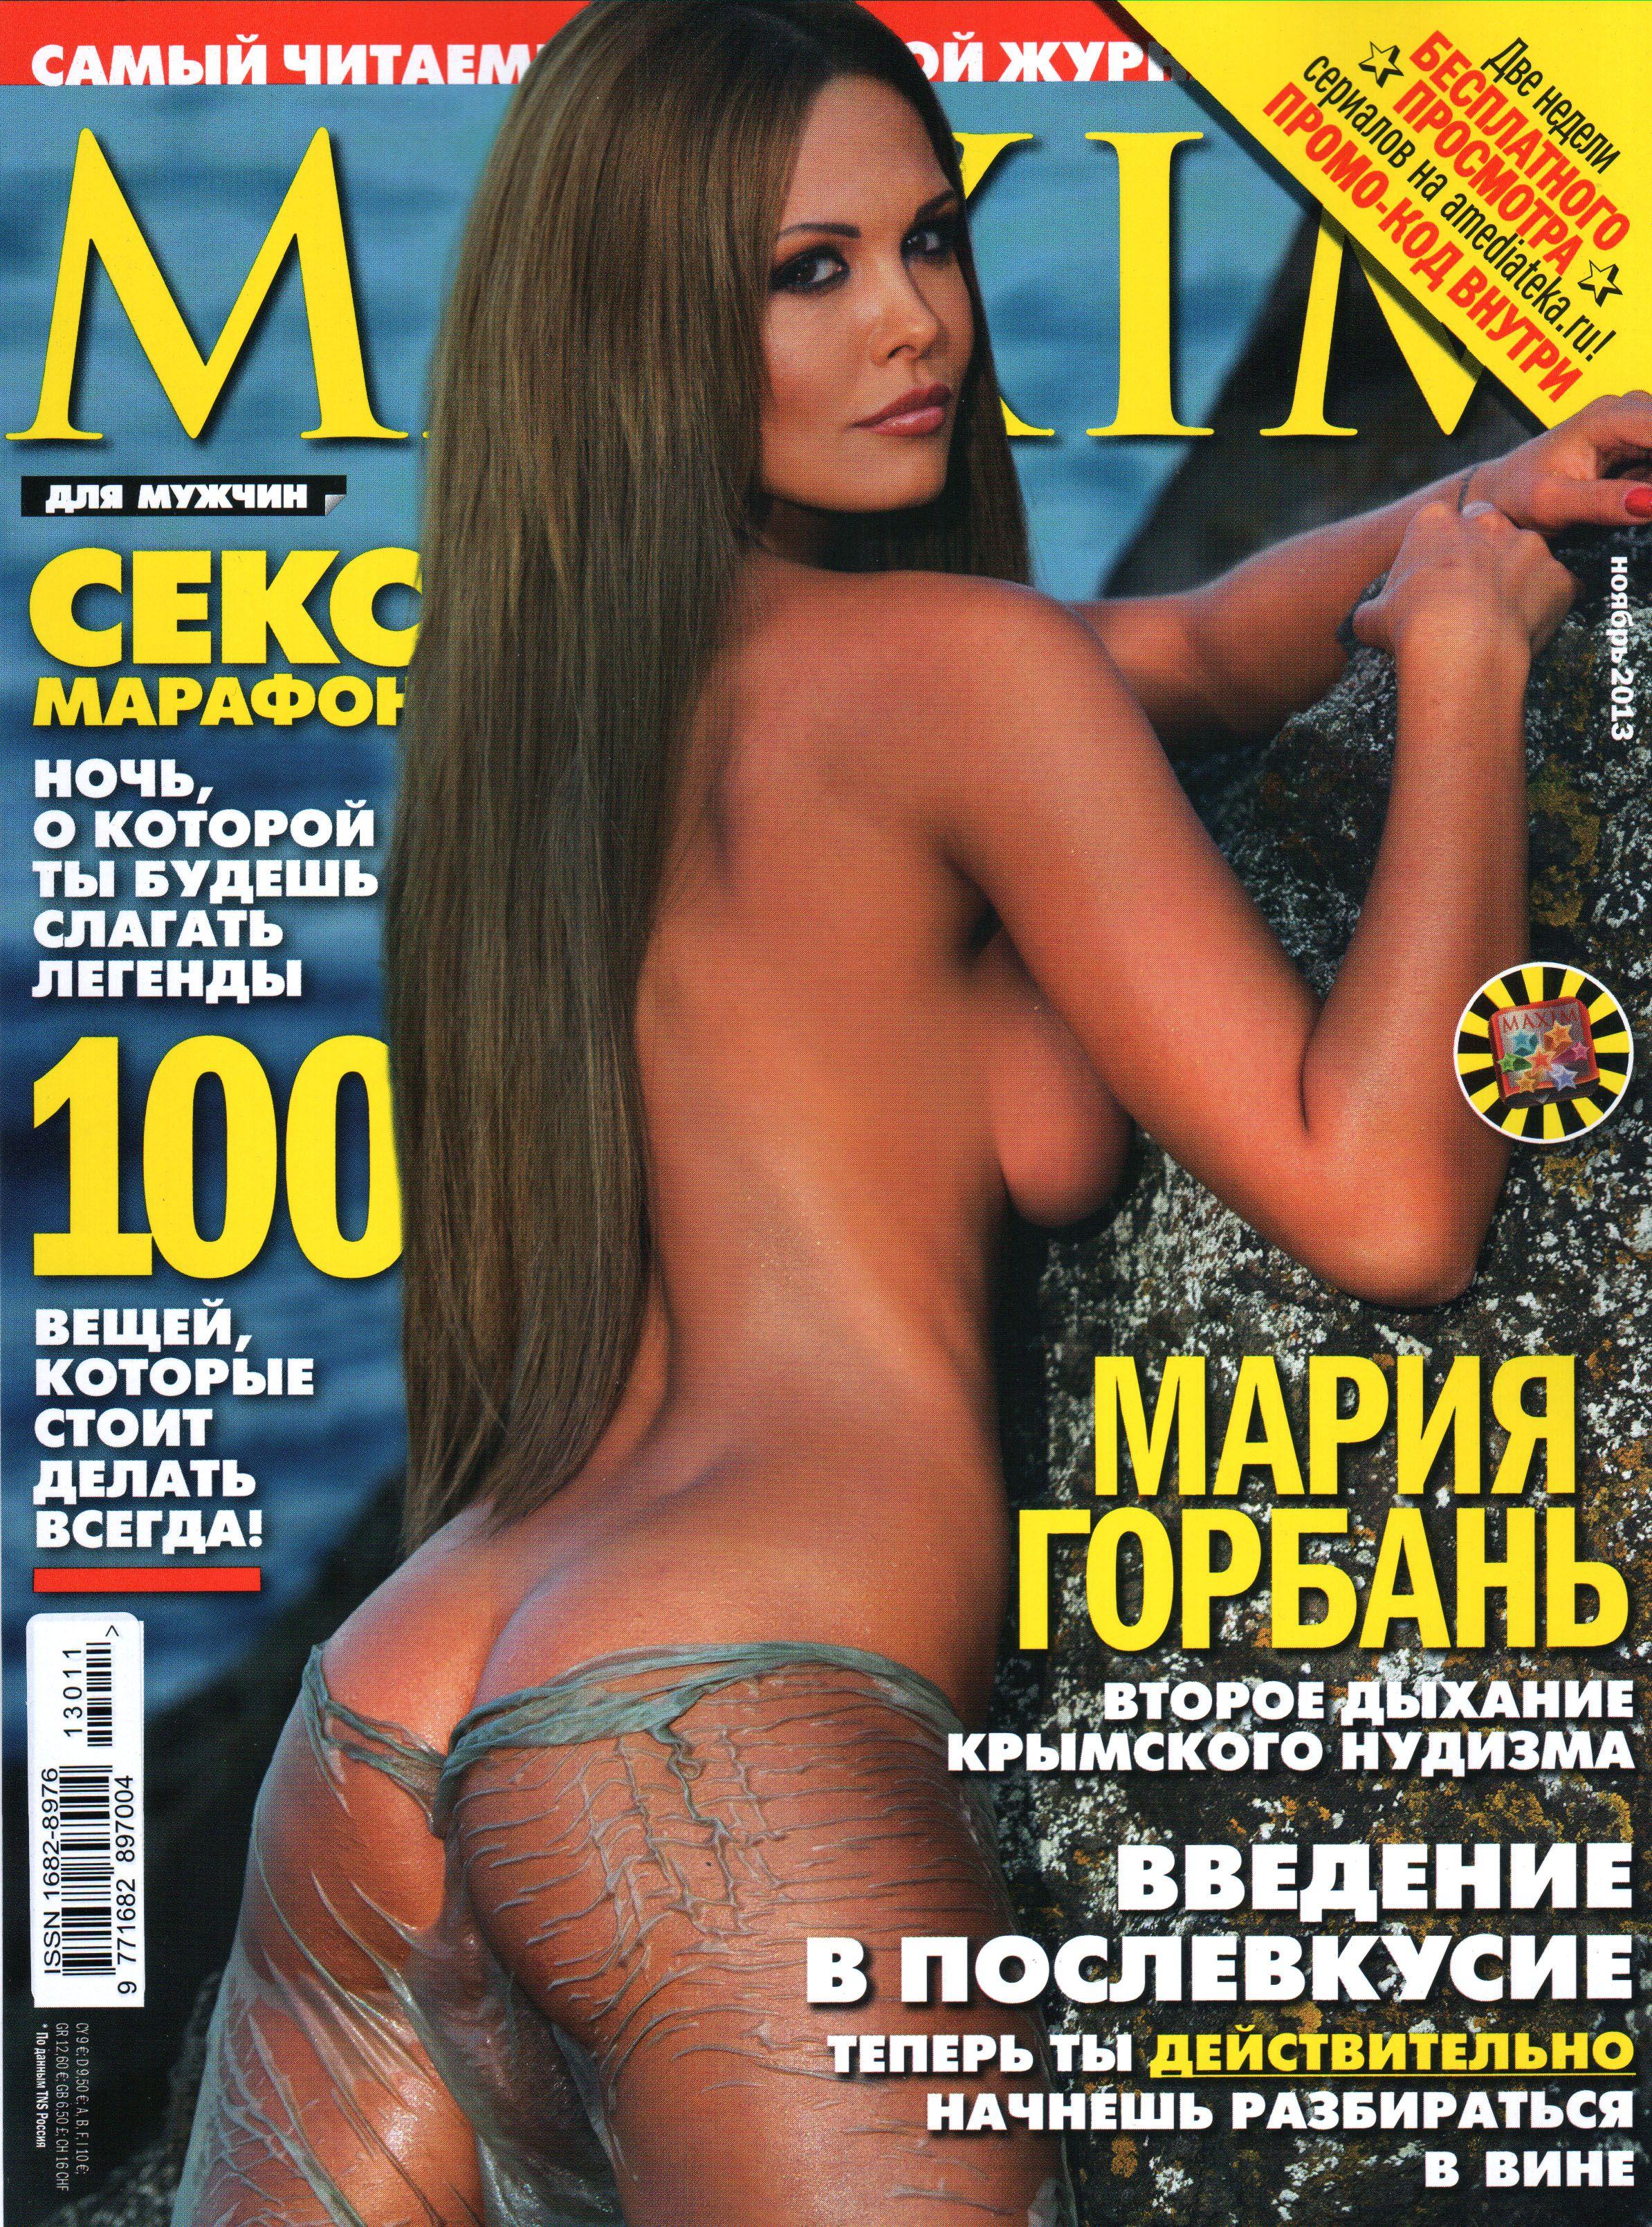 Русское порно онлайн вика 3 23 фотография